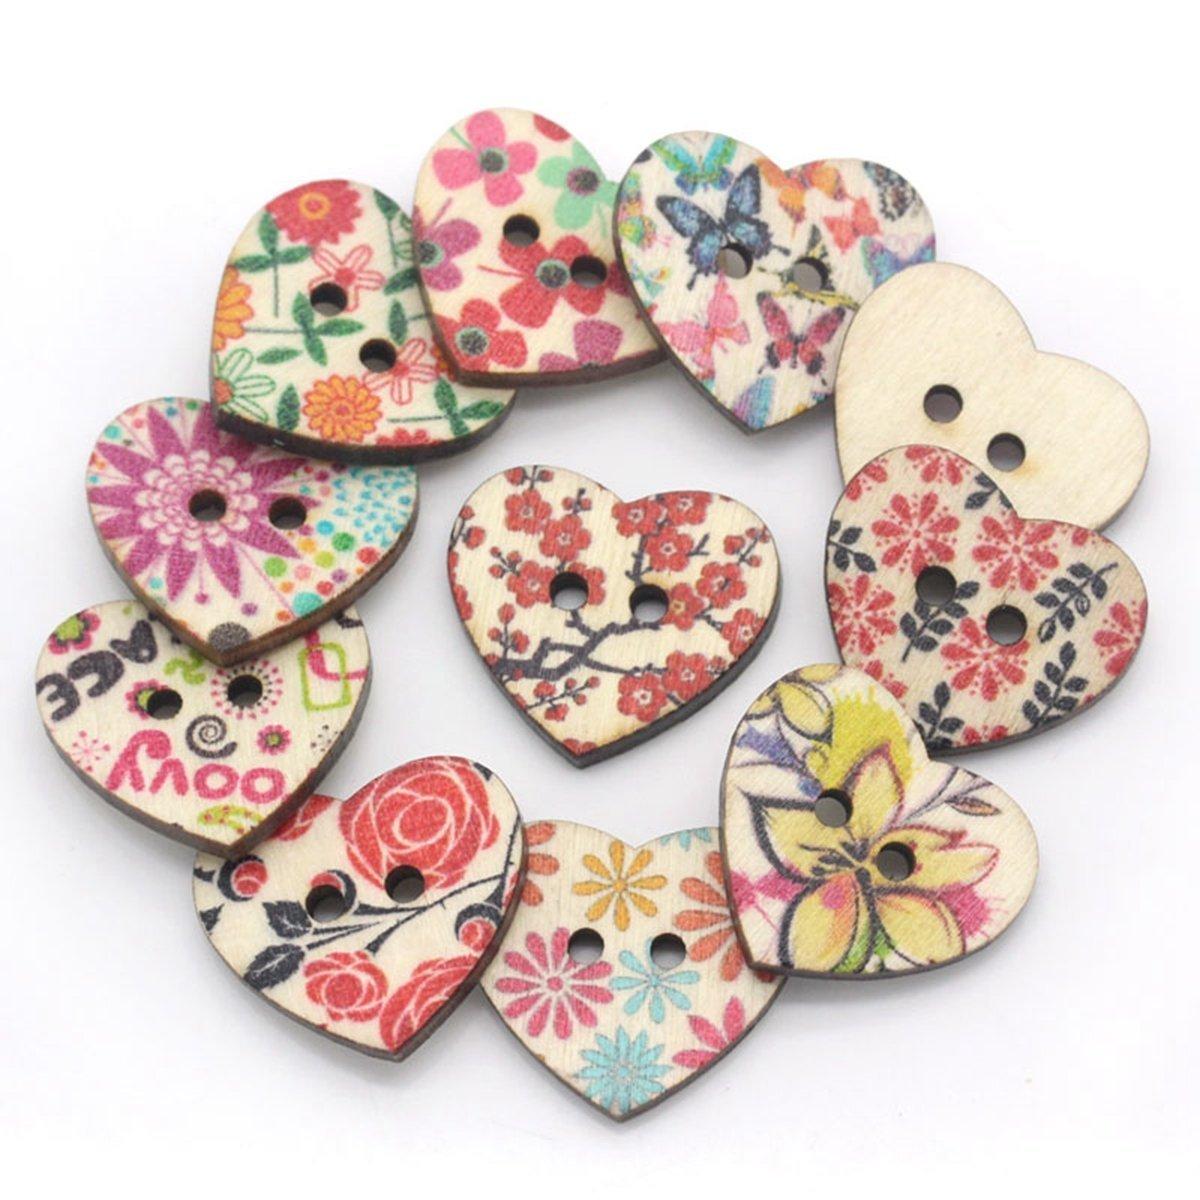 Bottoni in legno a forma di cuore per accessori da cucito fai da te EOYHDSIA